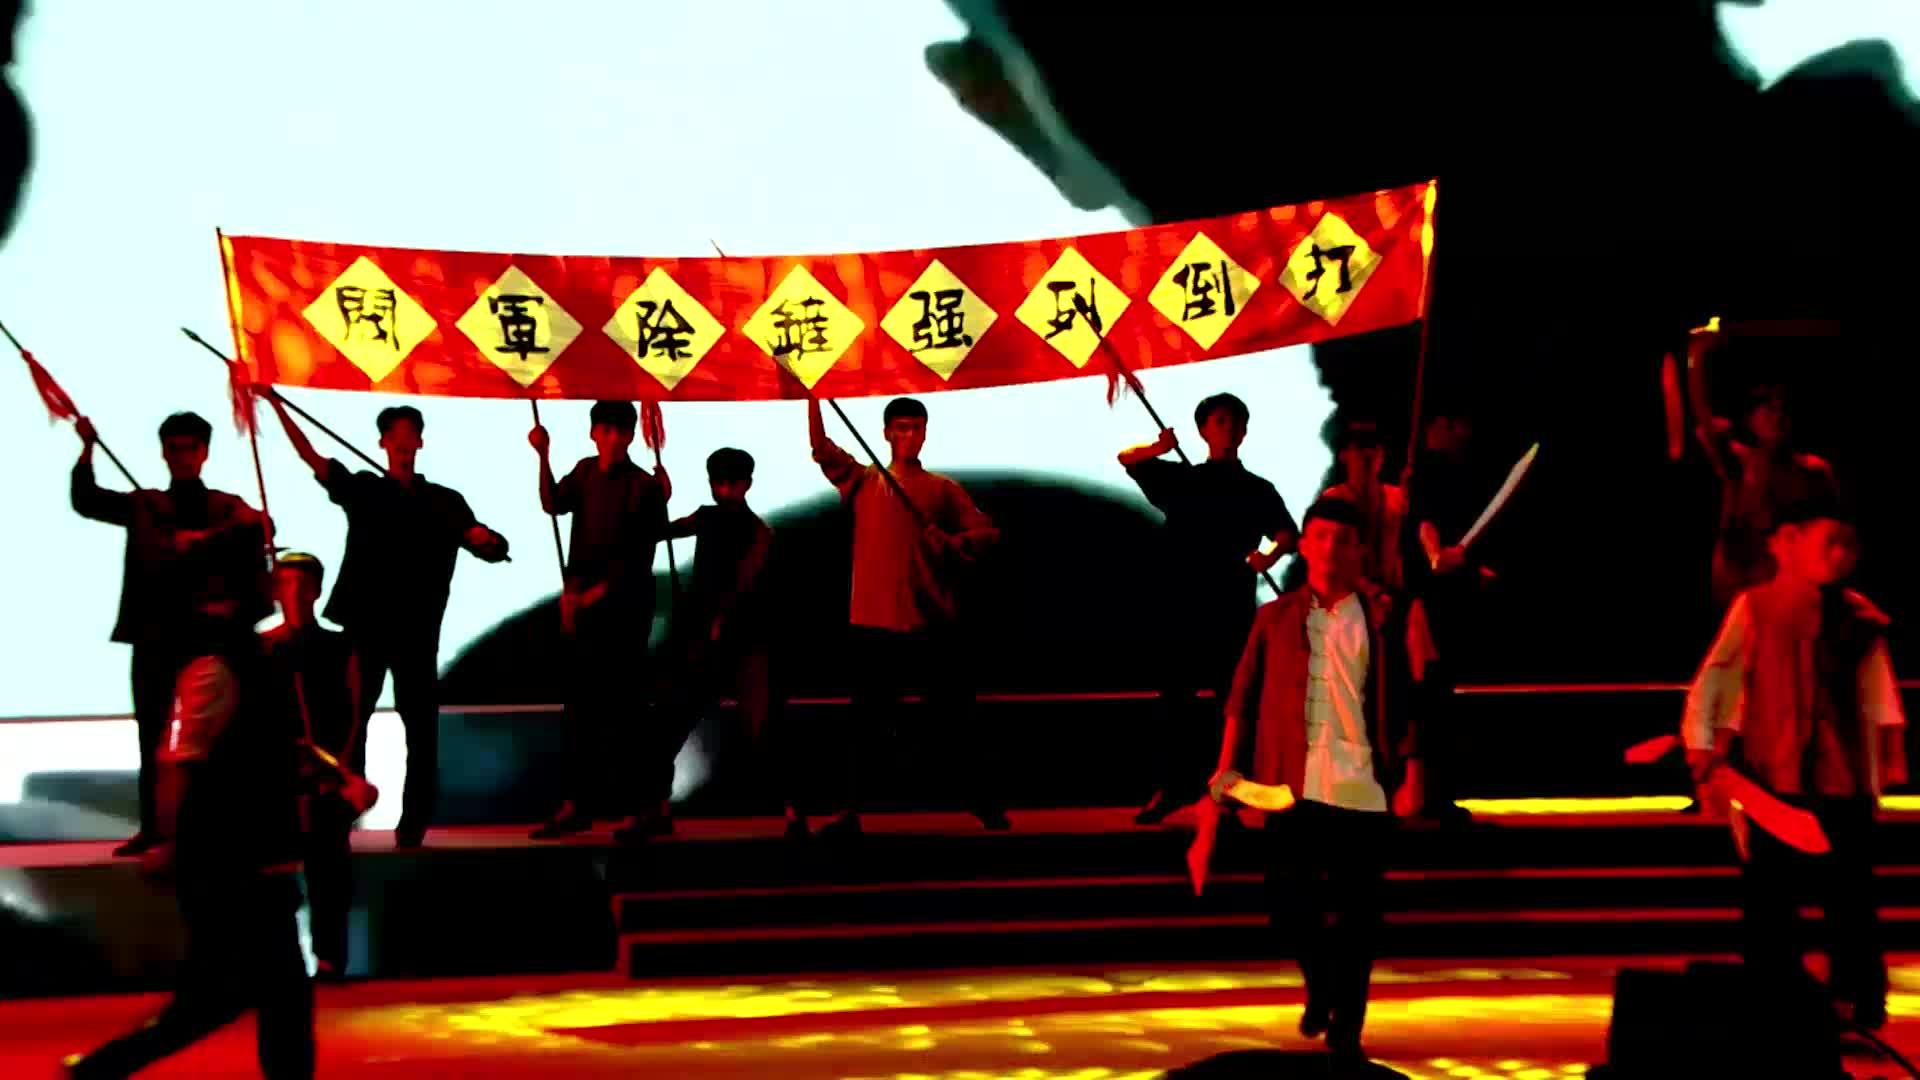 驻马店市庆祝中国共产党成立100周年文艺演出——歌曲《马总指挥打确山》